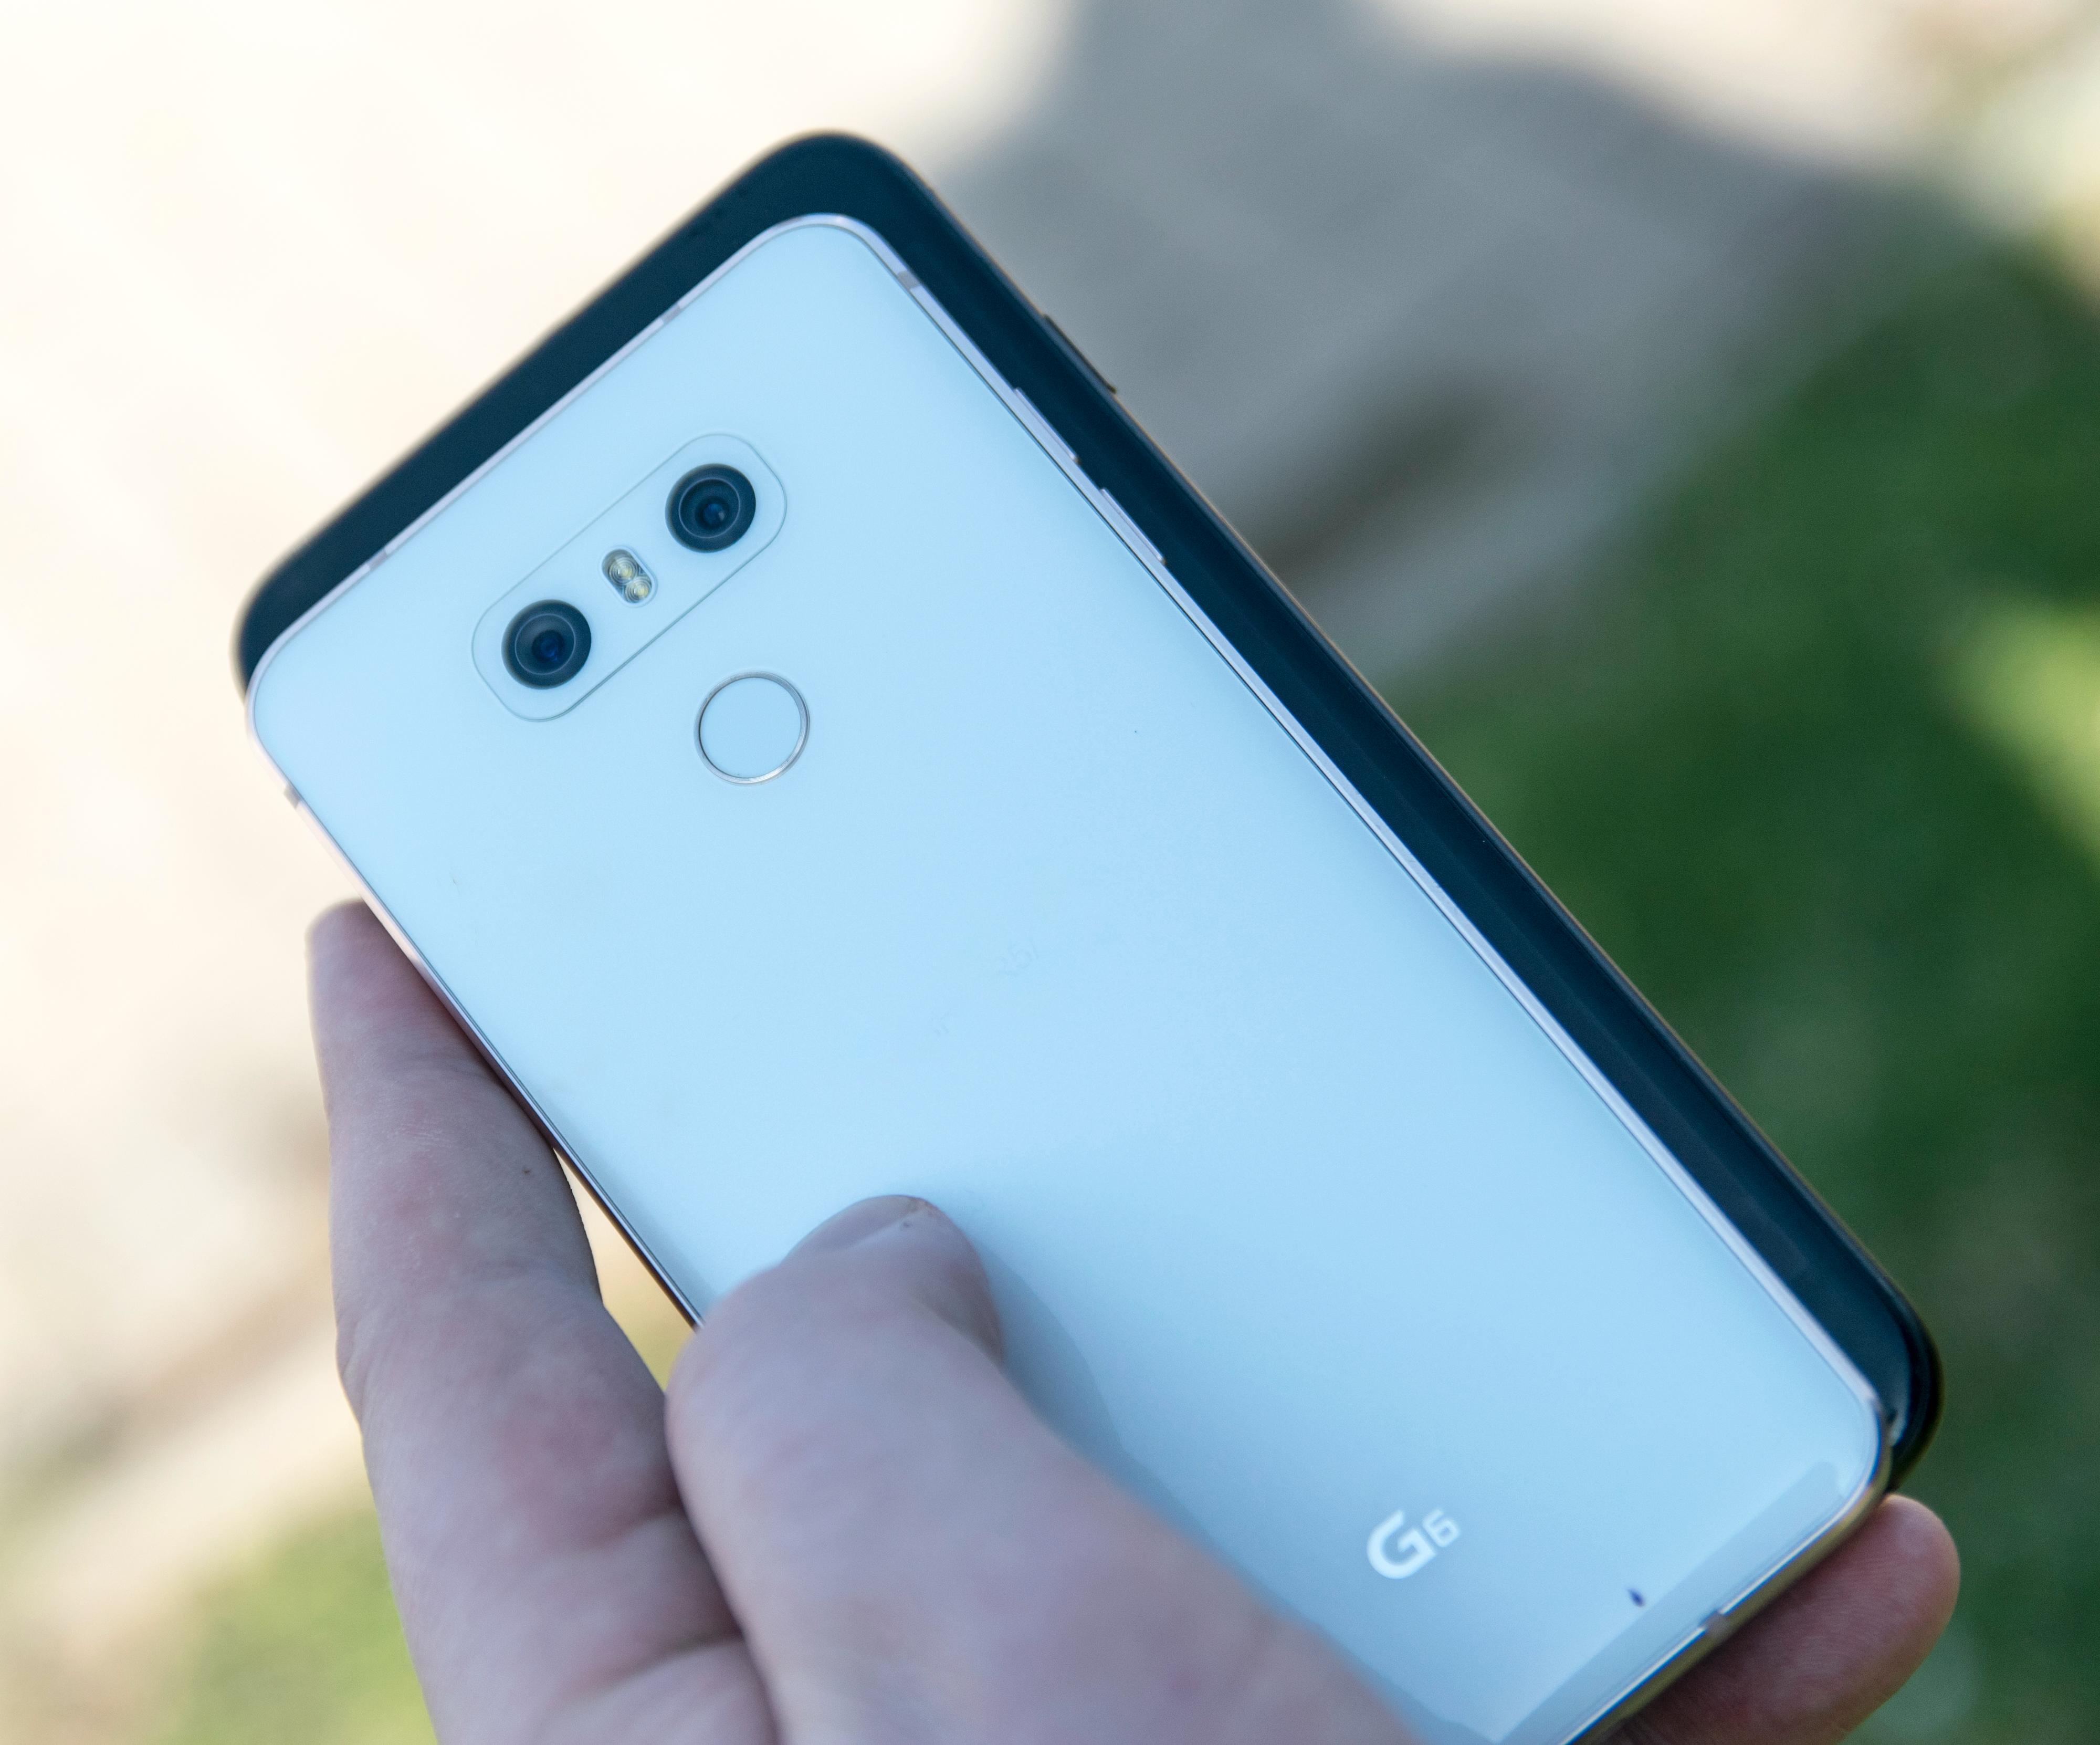 LG G6 over en iPhone 7 Plus med 5,5 tommer stor skjerm.